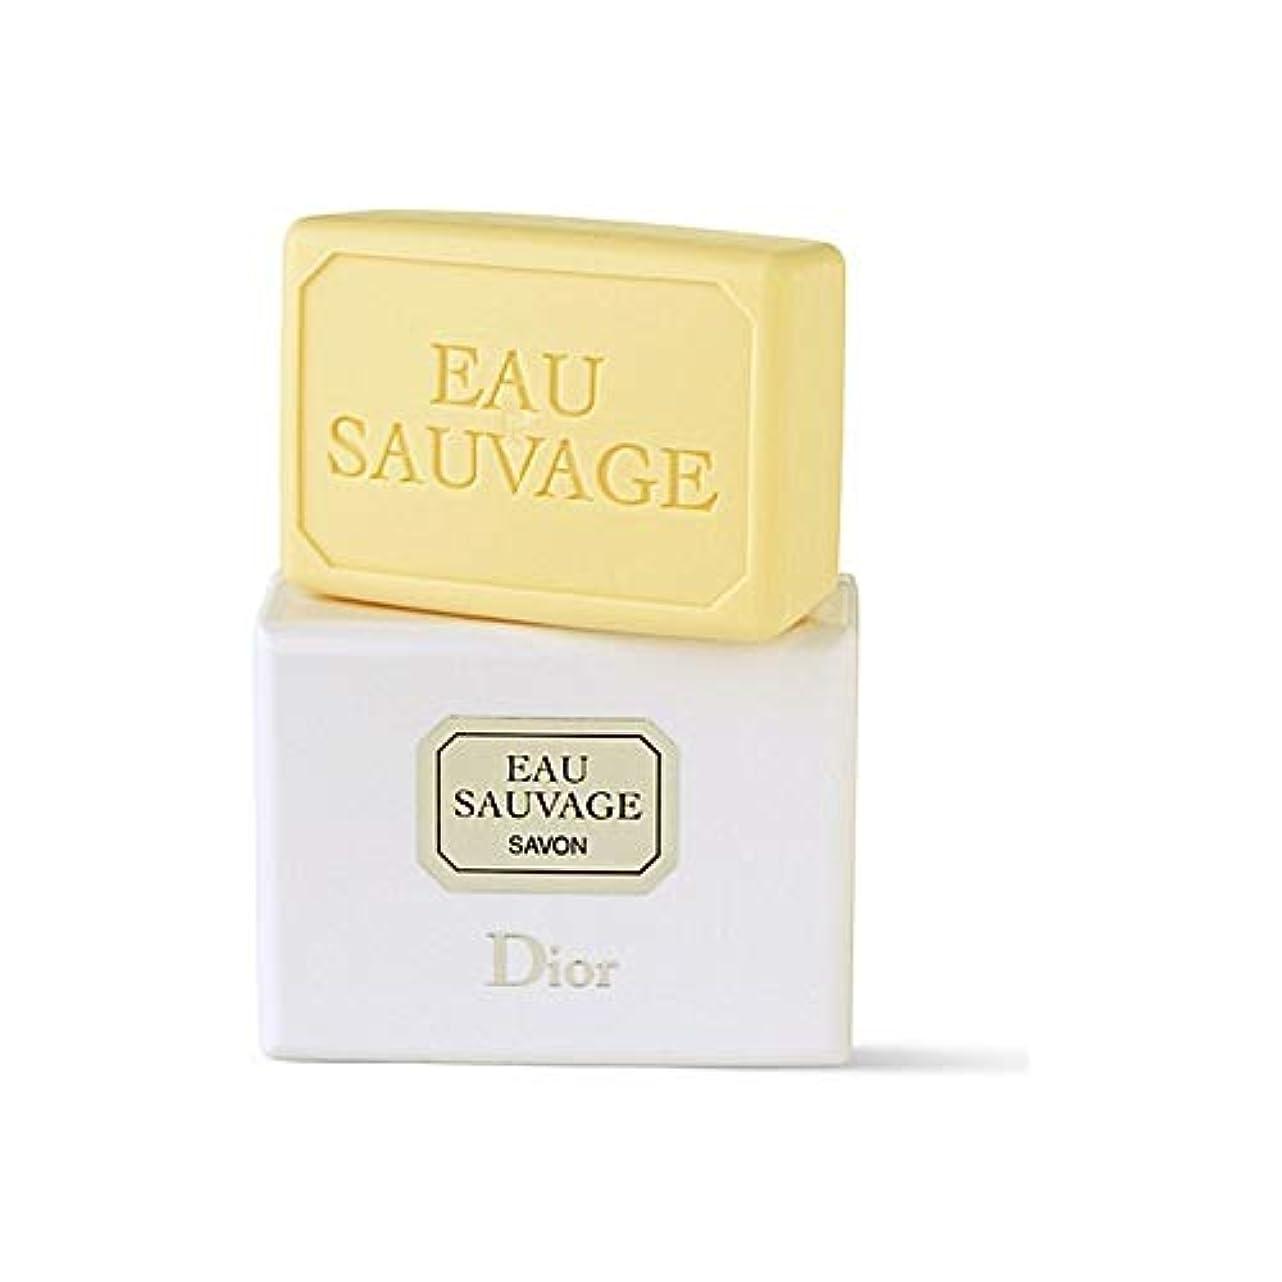 砂利差し引く放映[Dior ] ディオールオーソバージュソープ - Dior Eau Sauvage Soap [並行輸入品]